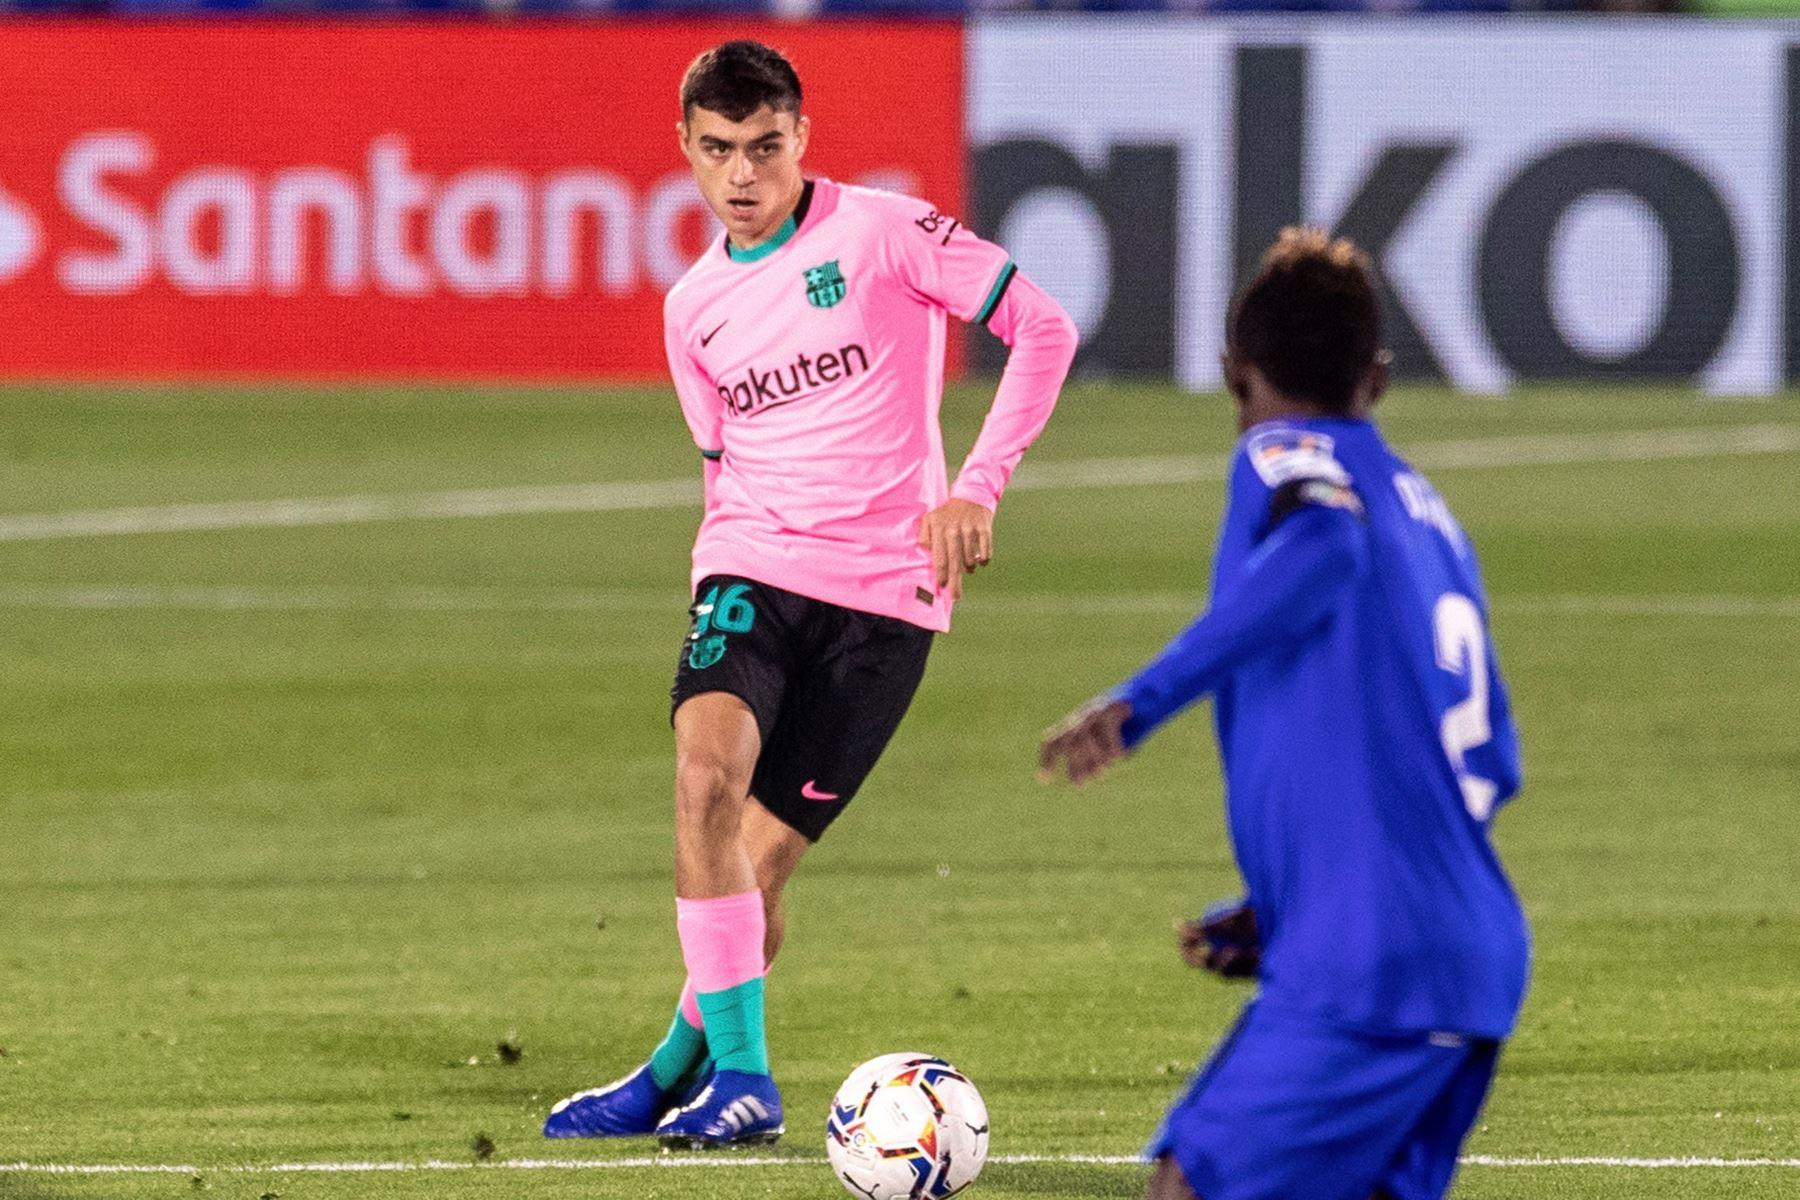 El delantero del FC Barcelona Pedri Gonzales se enfrenta por el balón ante Djene del Getafe, durante el partido de Liga que se disputa en el Coliseum Alfonso Pérez. Foto: EFE